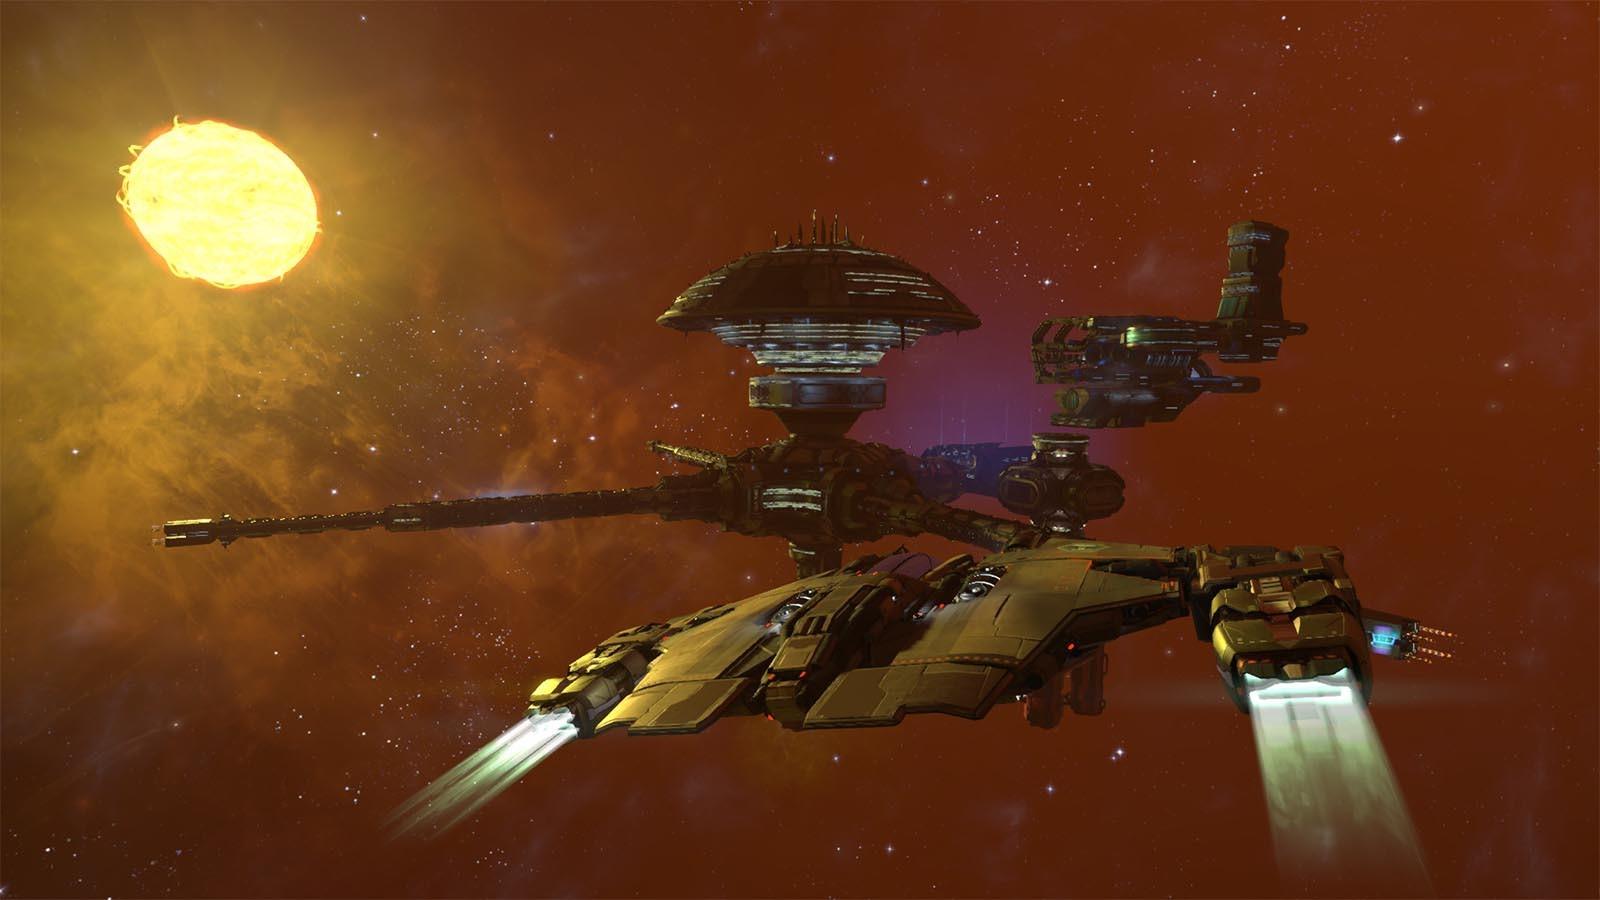 《X4:基石》新DLC延期至2021年推出 将有独特飞船